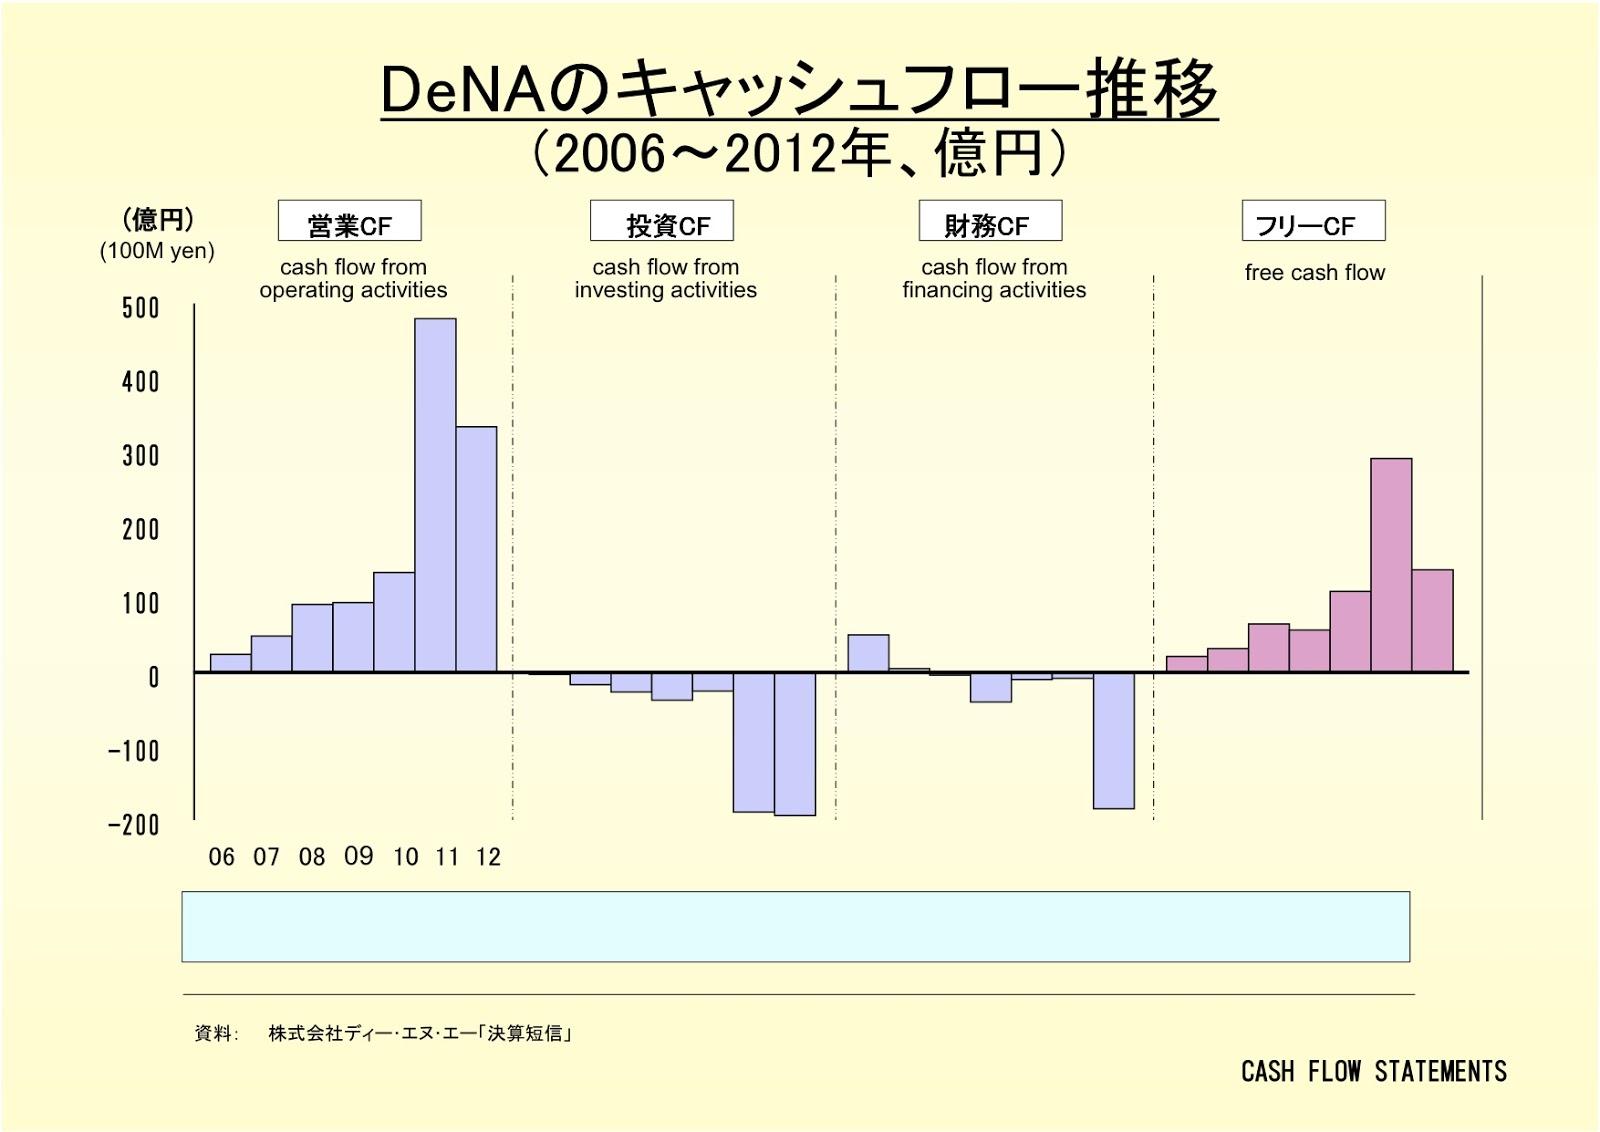 株式会社DeNAのキャッシュフロー推移